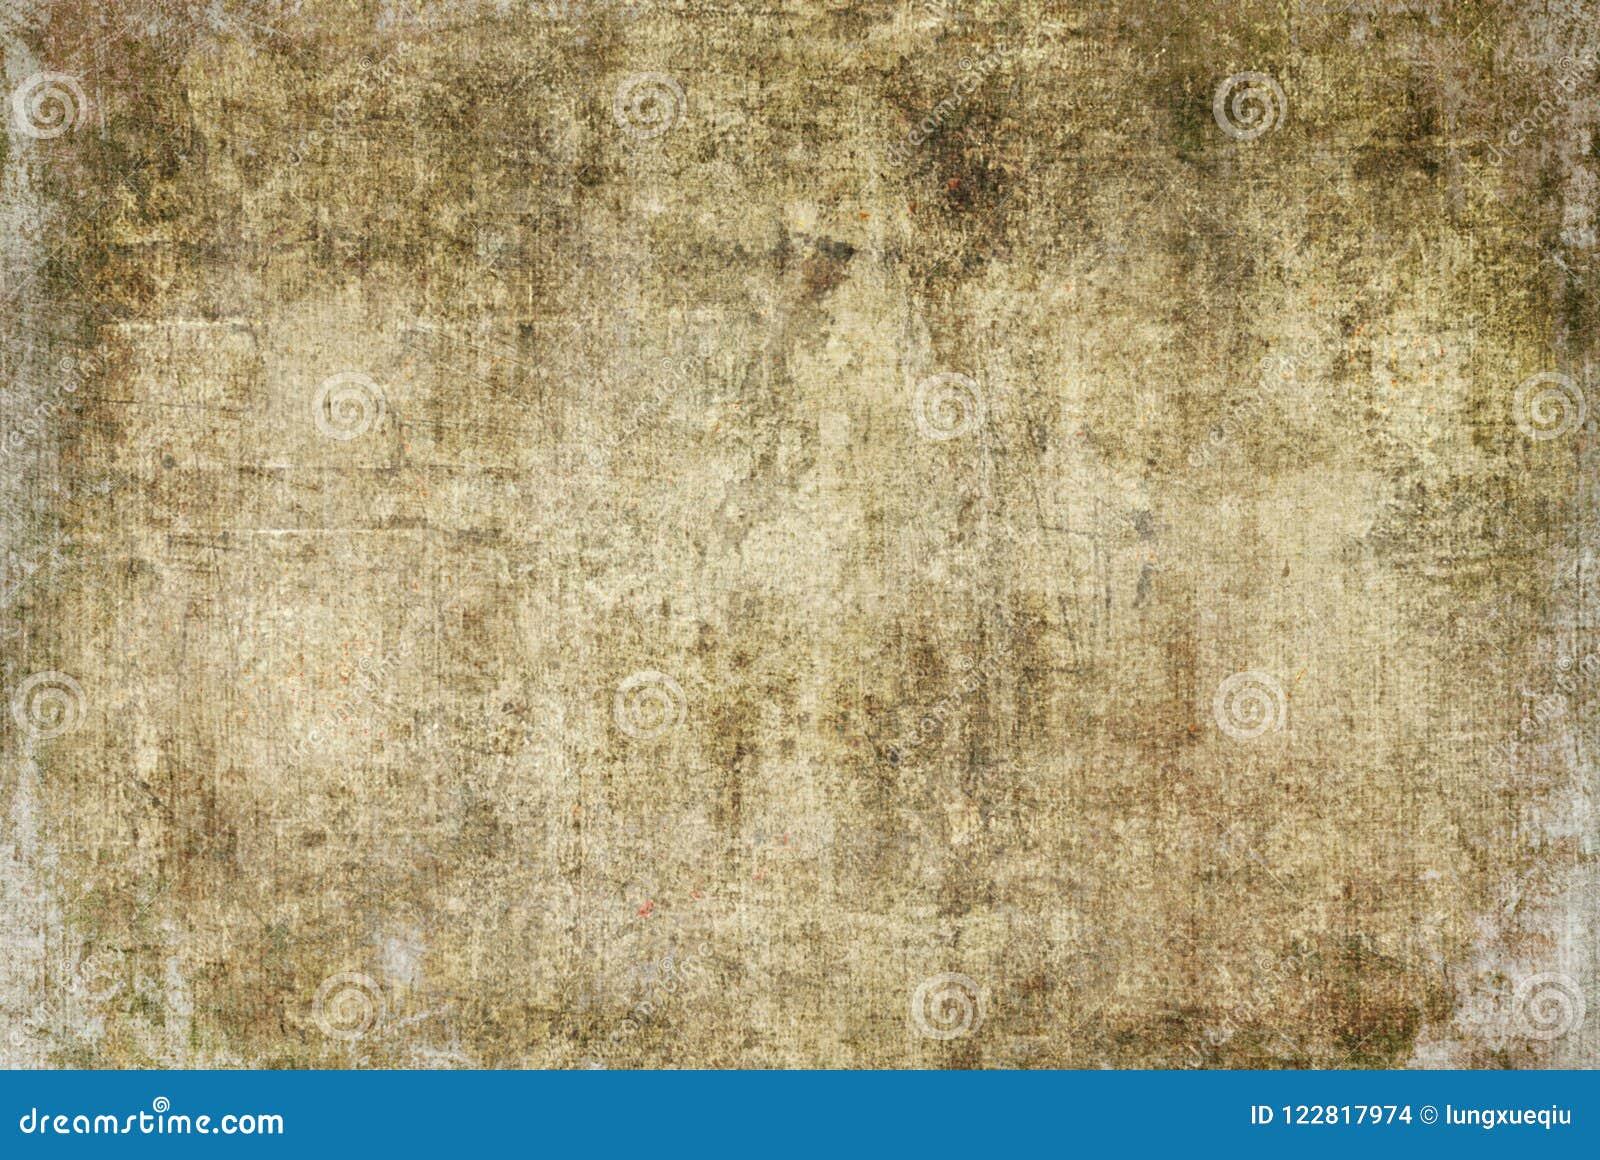 Обои предпосылки осени картины текстуры картины холста спада Grunge природы треснутые Брайном темные ржавые передернутые старые а